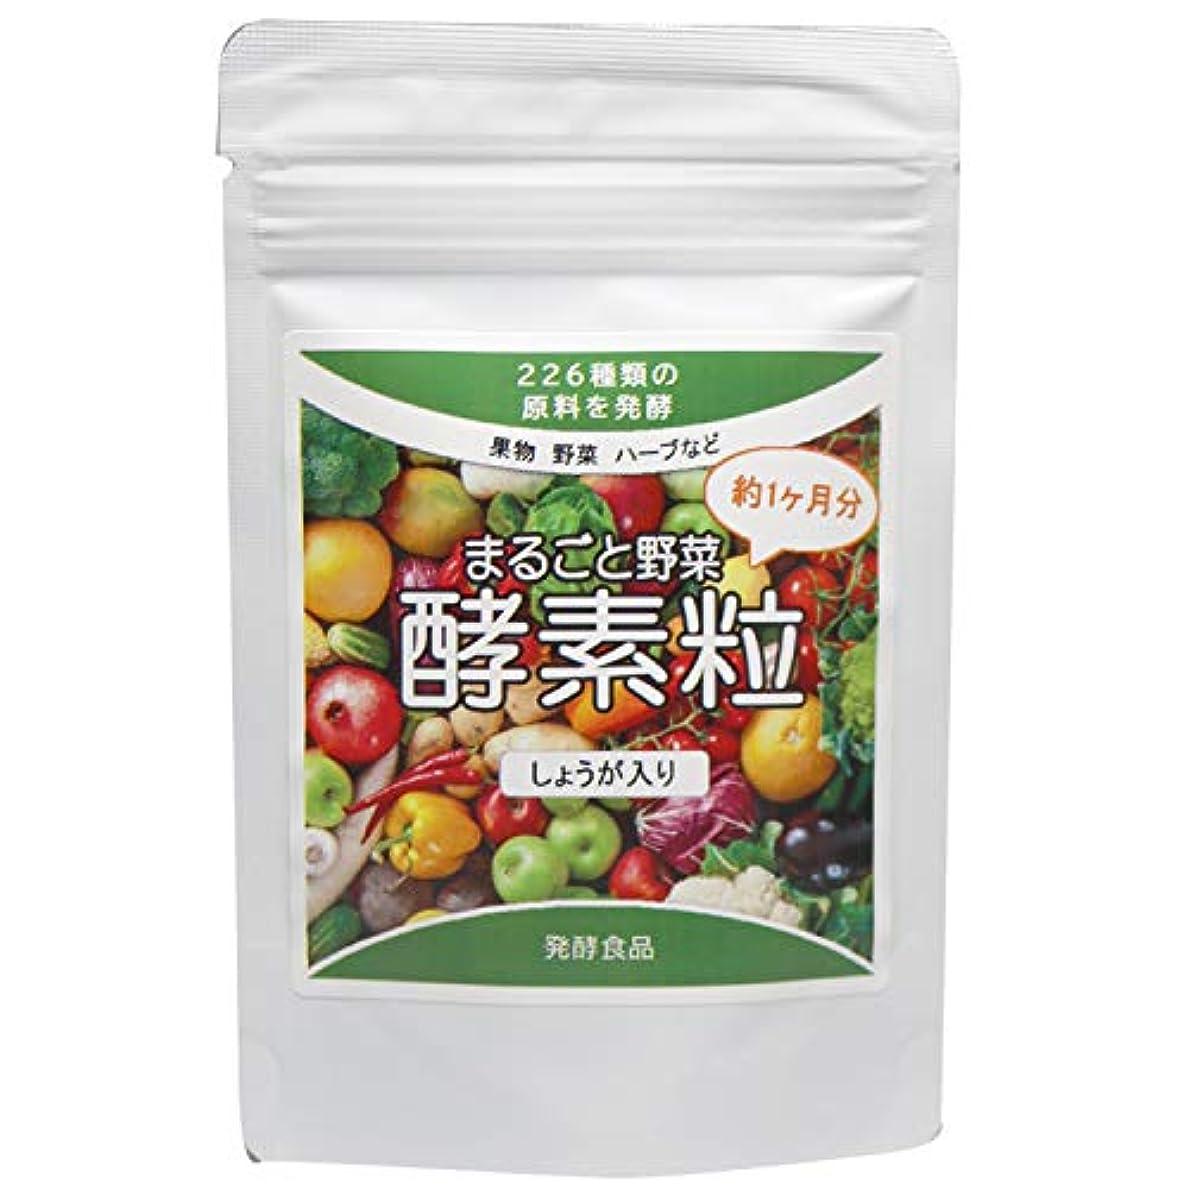 取り出すクアッガとげのあるまるごと野菜酵素粒 226種類の野菜発酵(しょうが入り) 約4ヶ月分 (440mg×120粒)